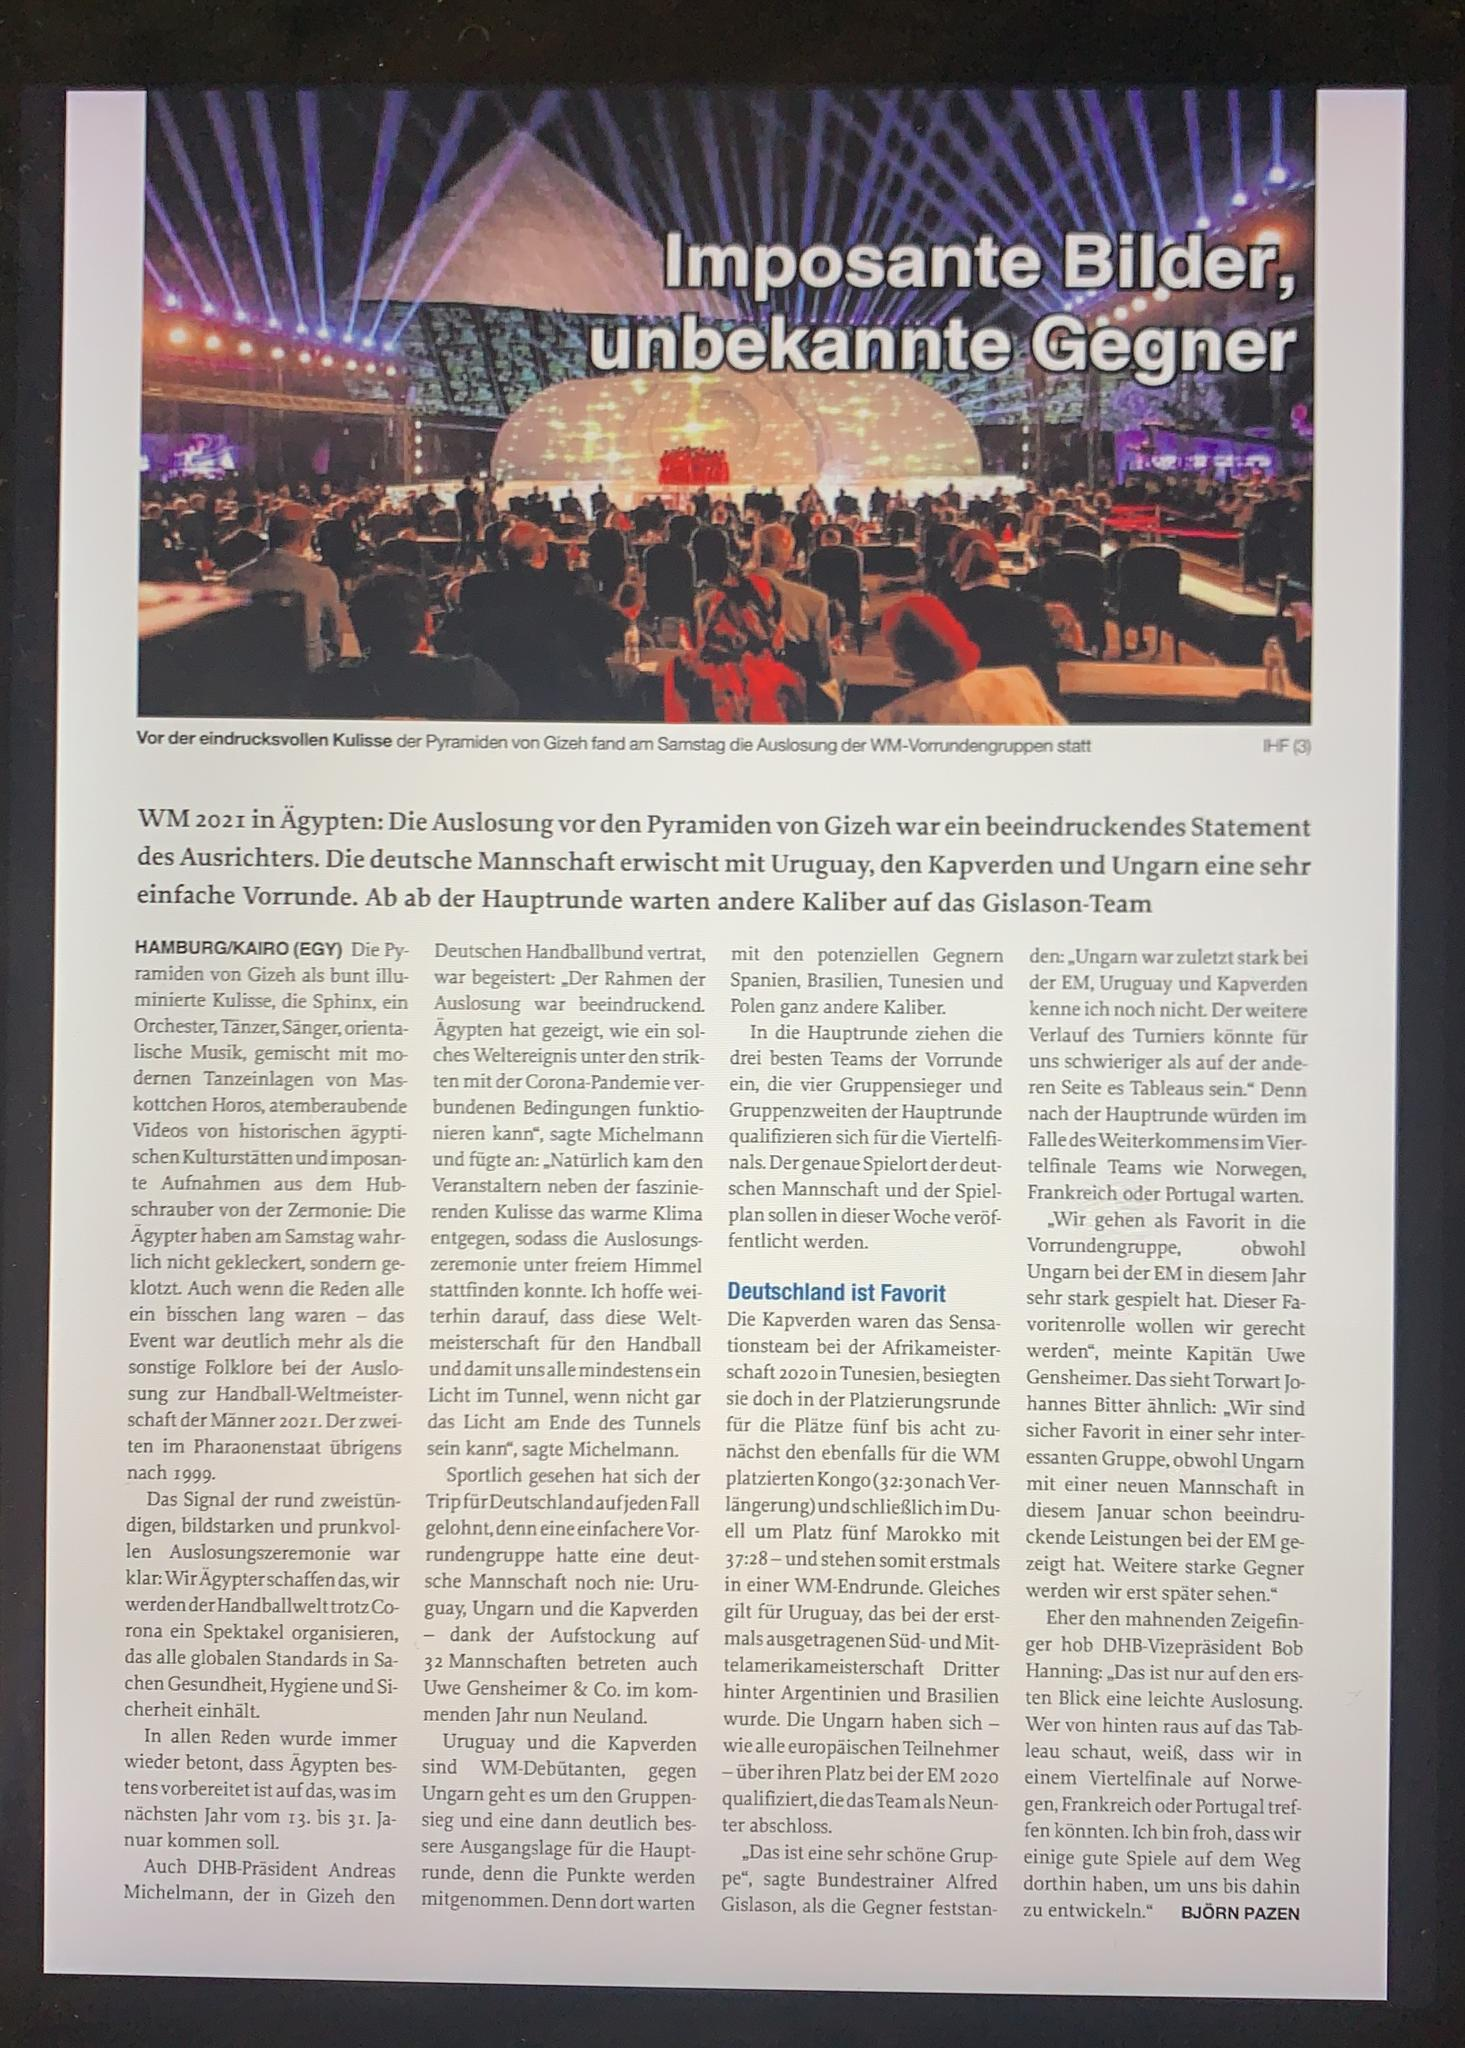 تقرير عن القرعة في المجلة الالمانية